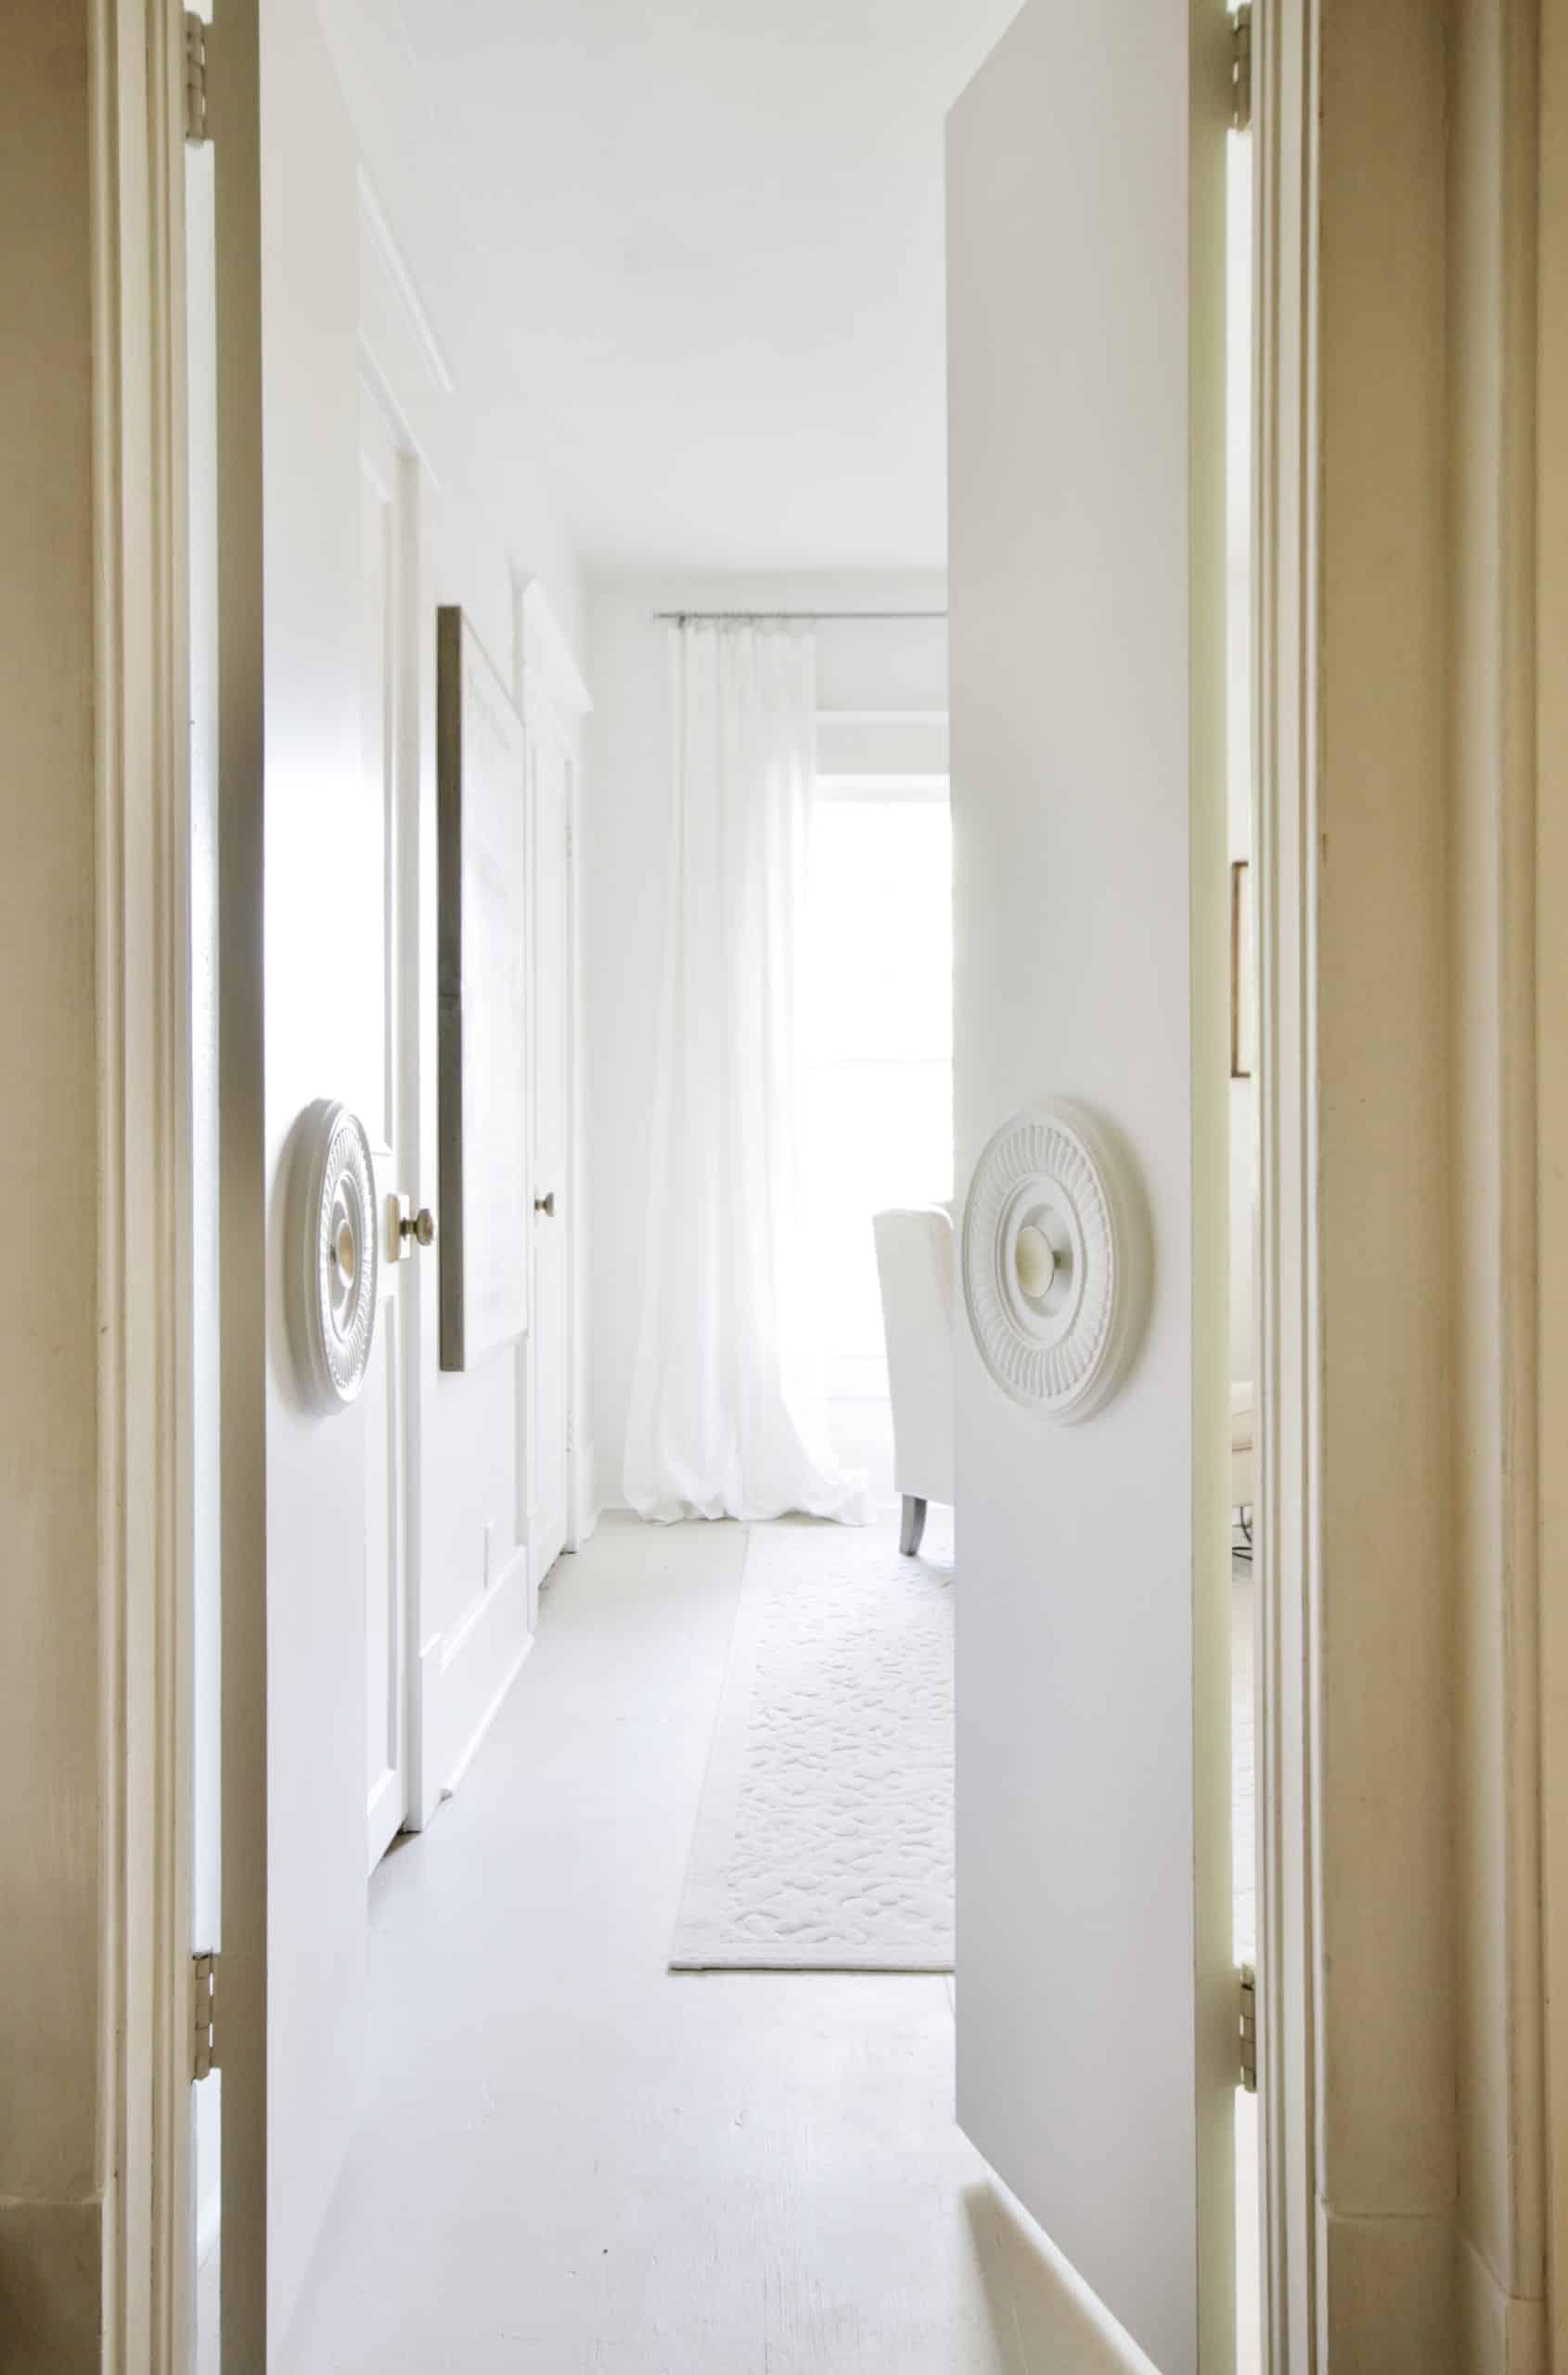 open door peering into bedroom